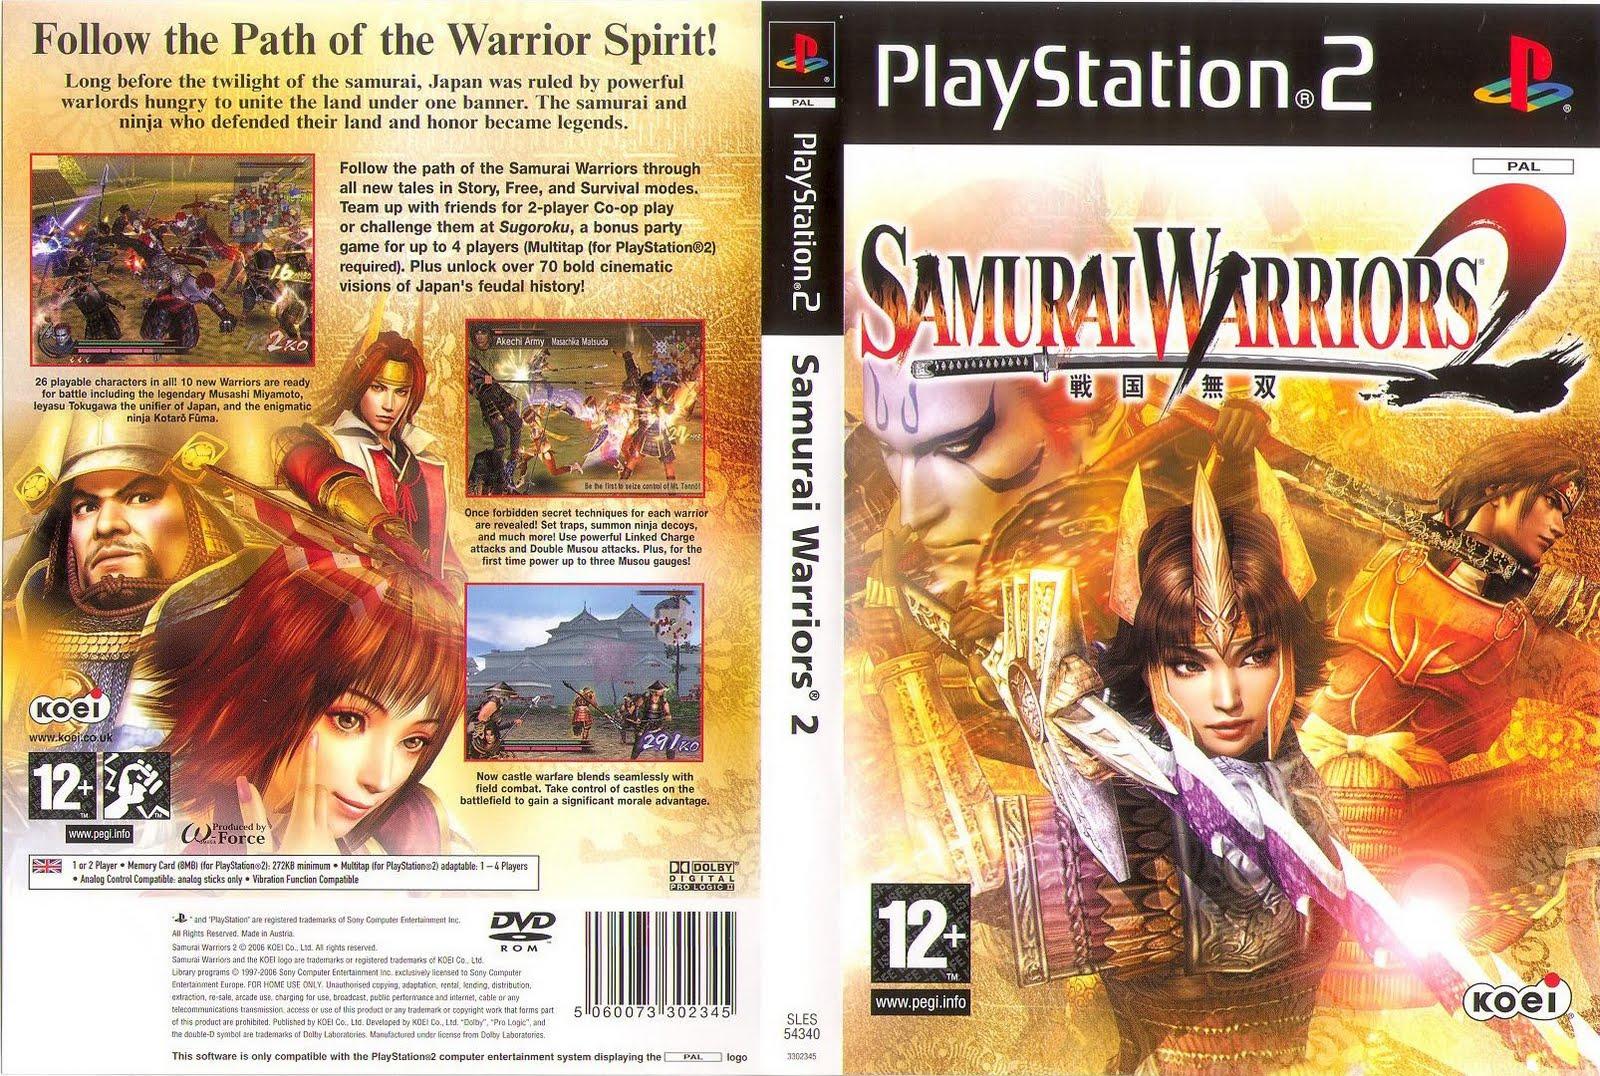 Download - Samurai Warriors 2 - PS2 - ISO